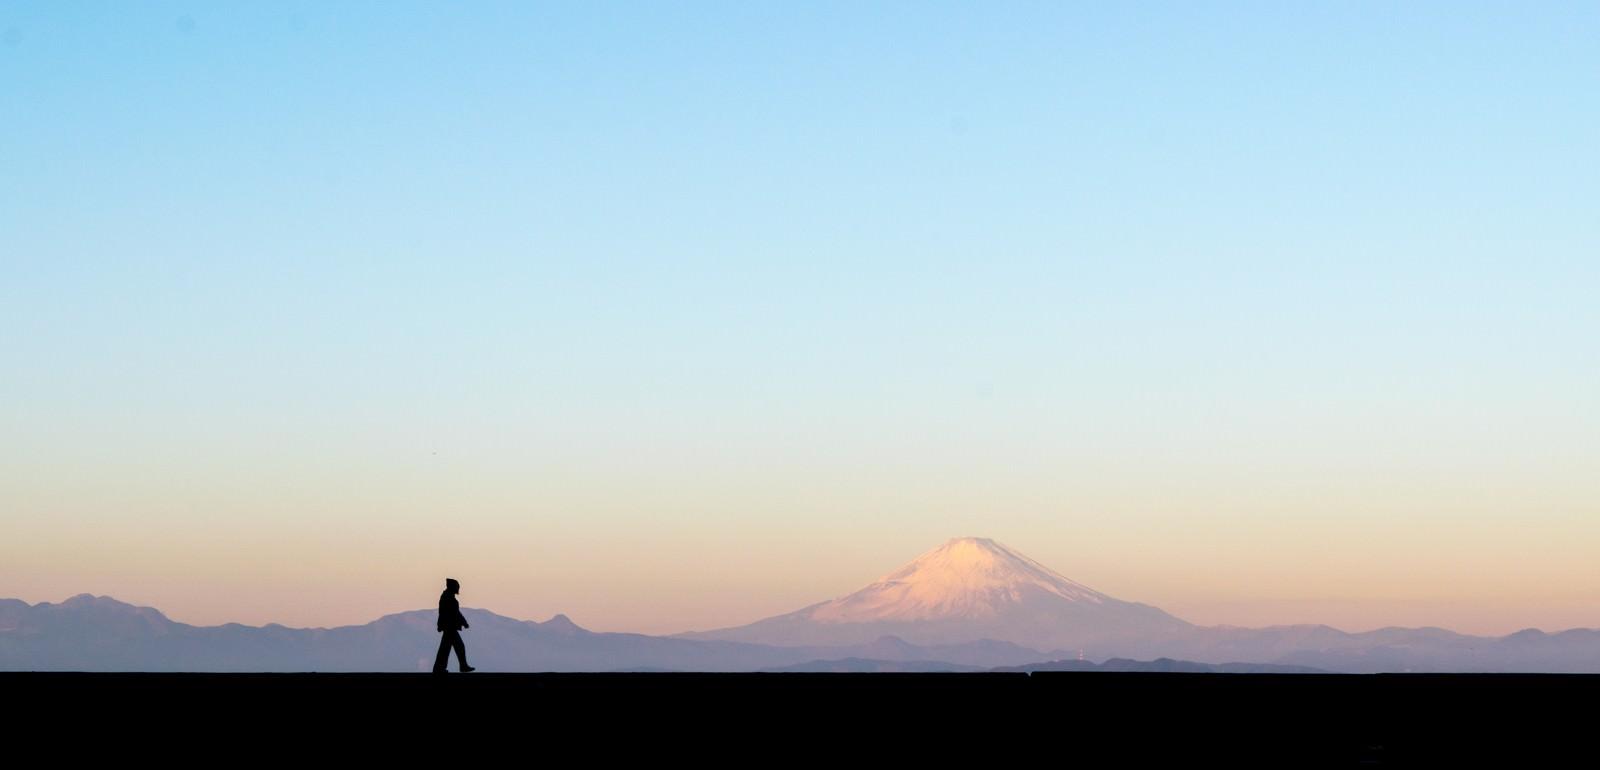 「富士山をバックに散歩する男性のシルエット」の写真